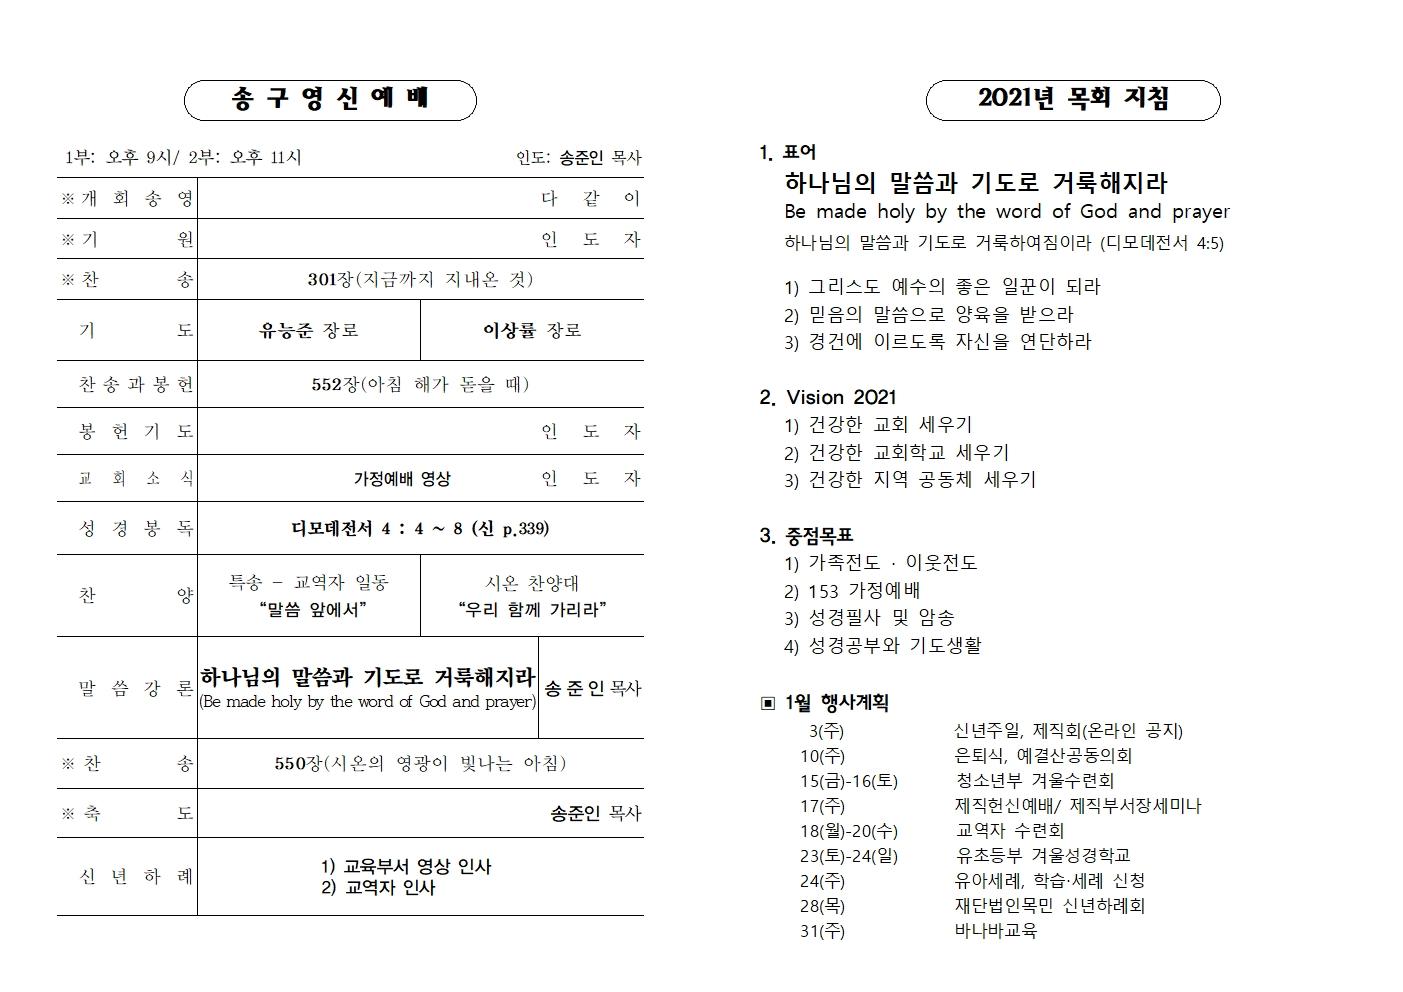 송구영신예배(2021)v2002001.jpg